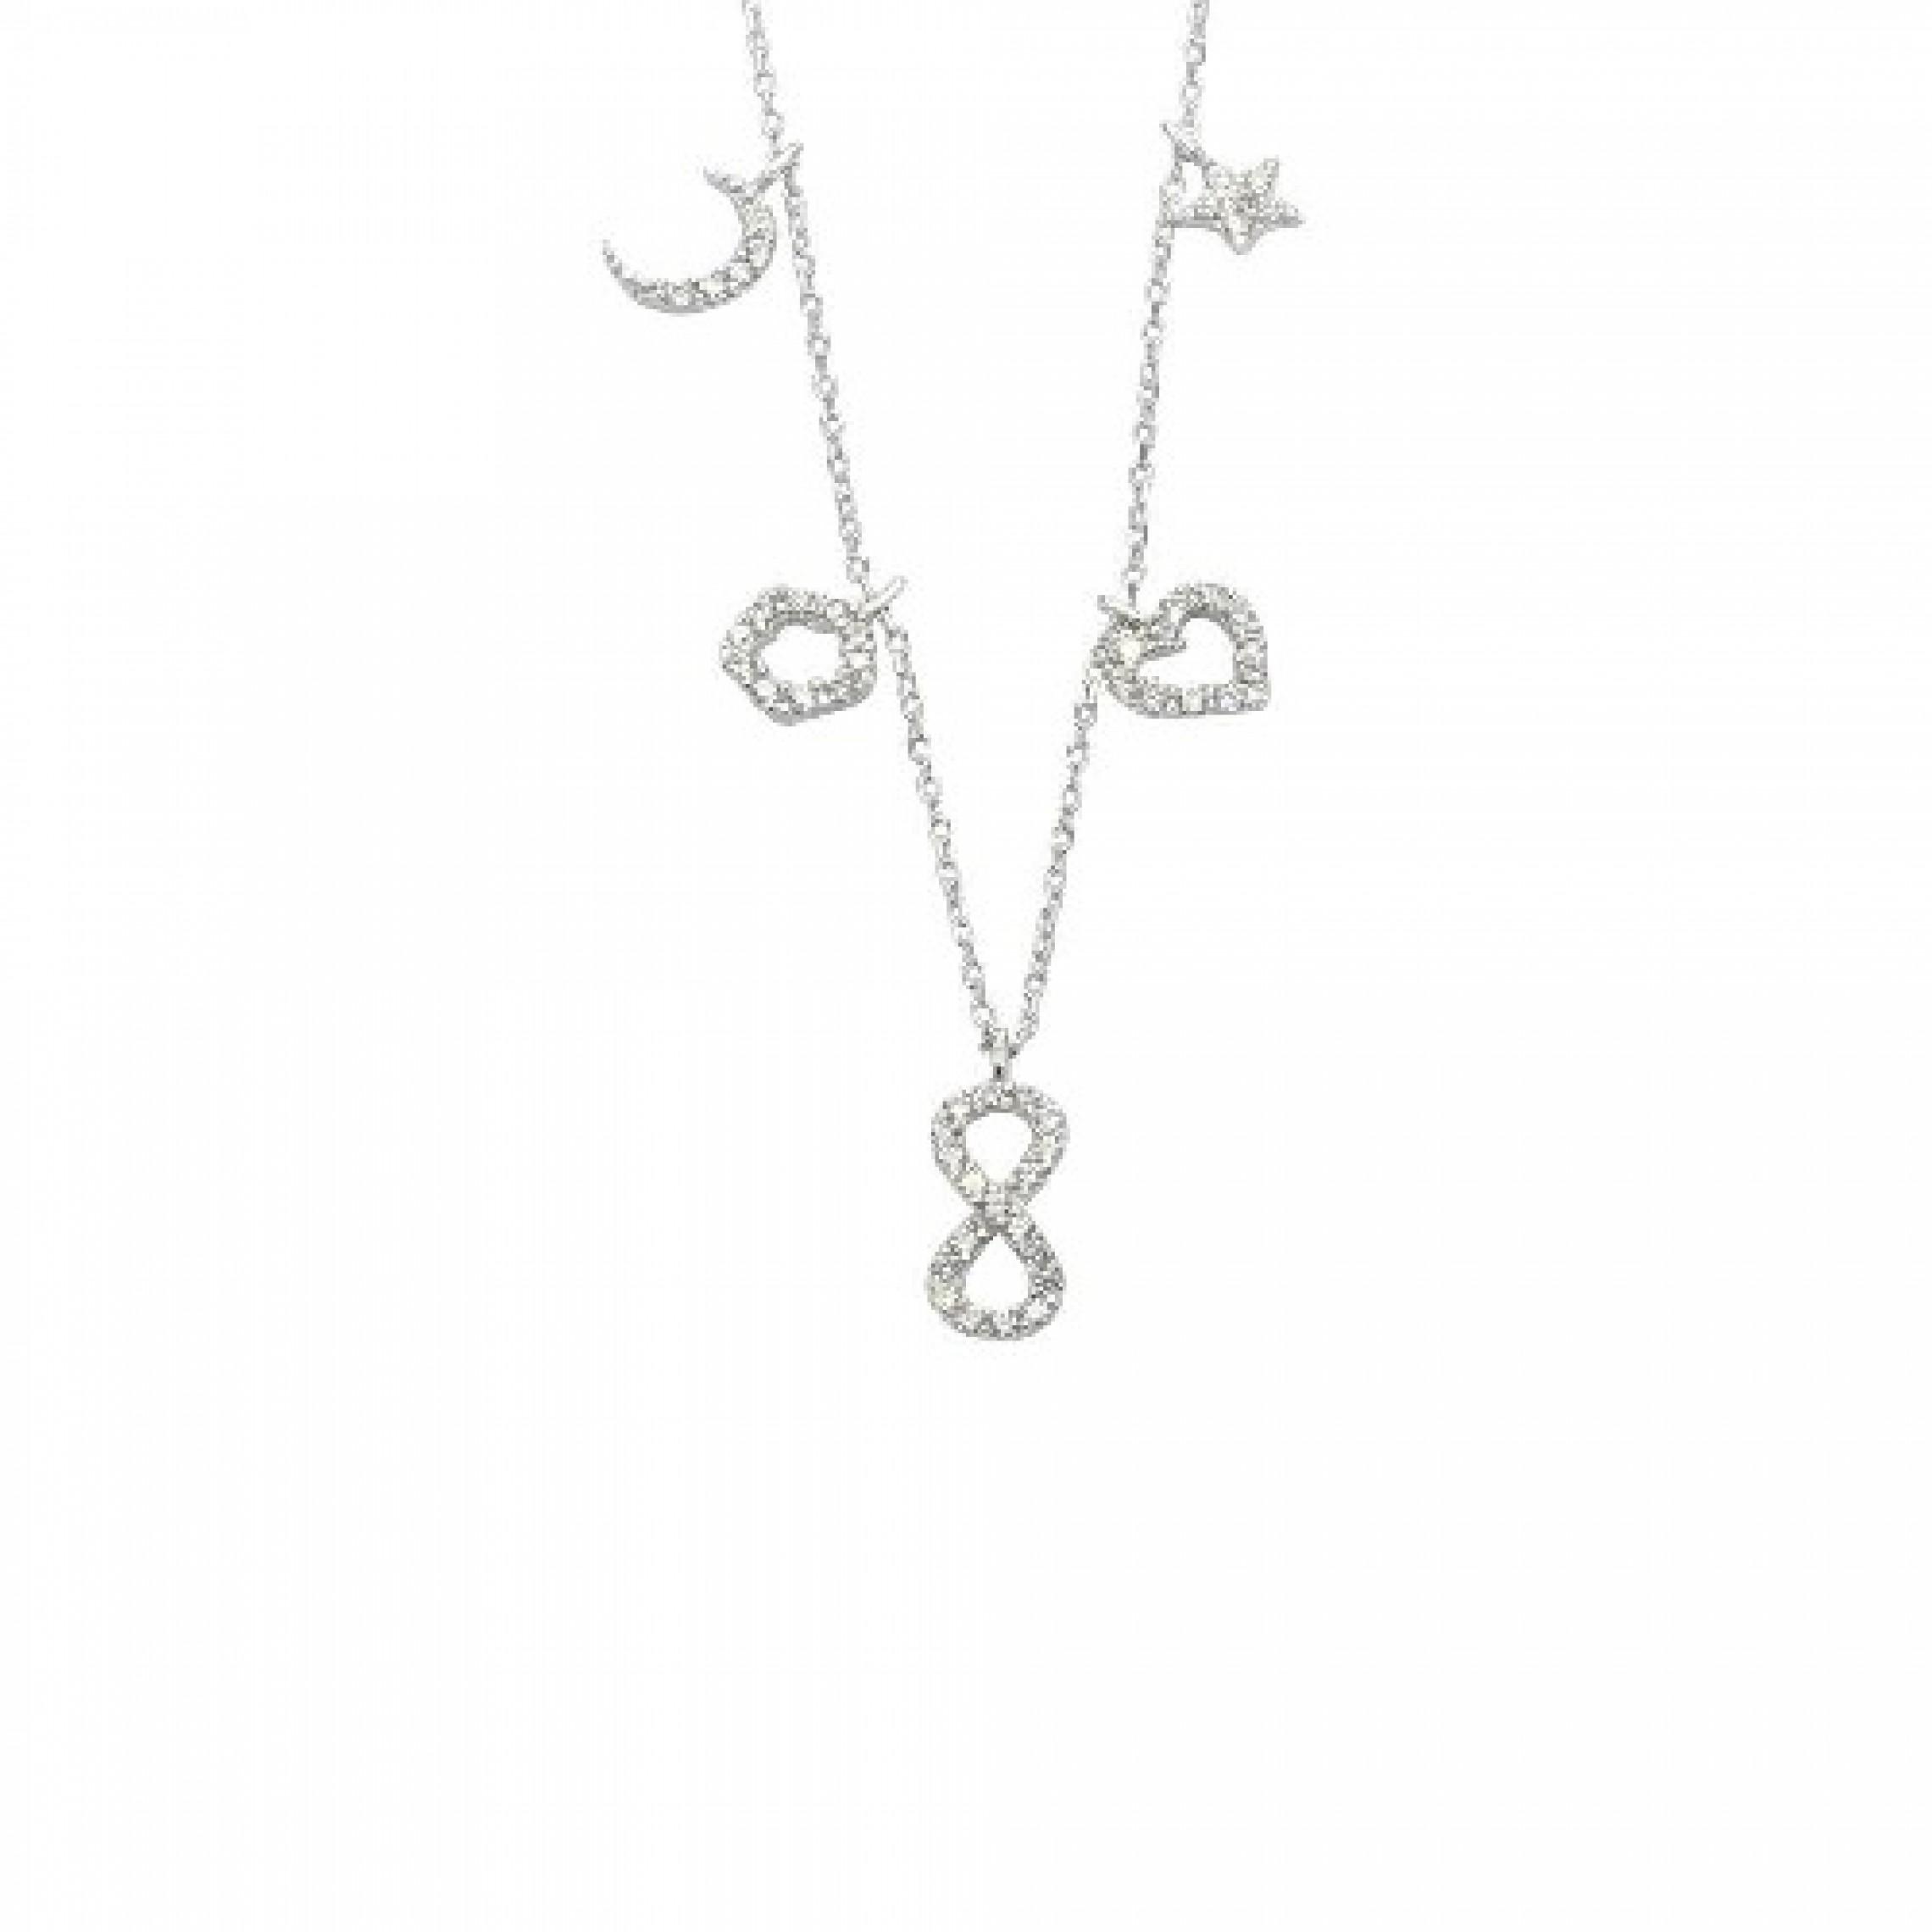 SN-548 Evil Eye 925 Sterling Silver CZ Necklace